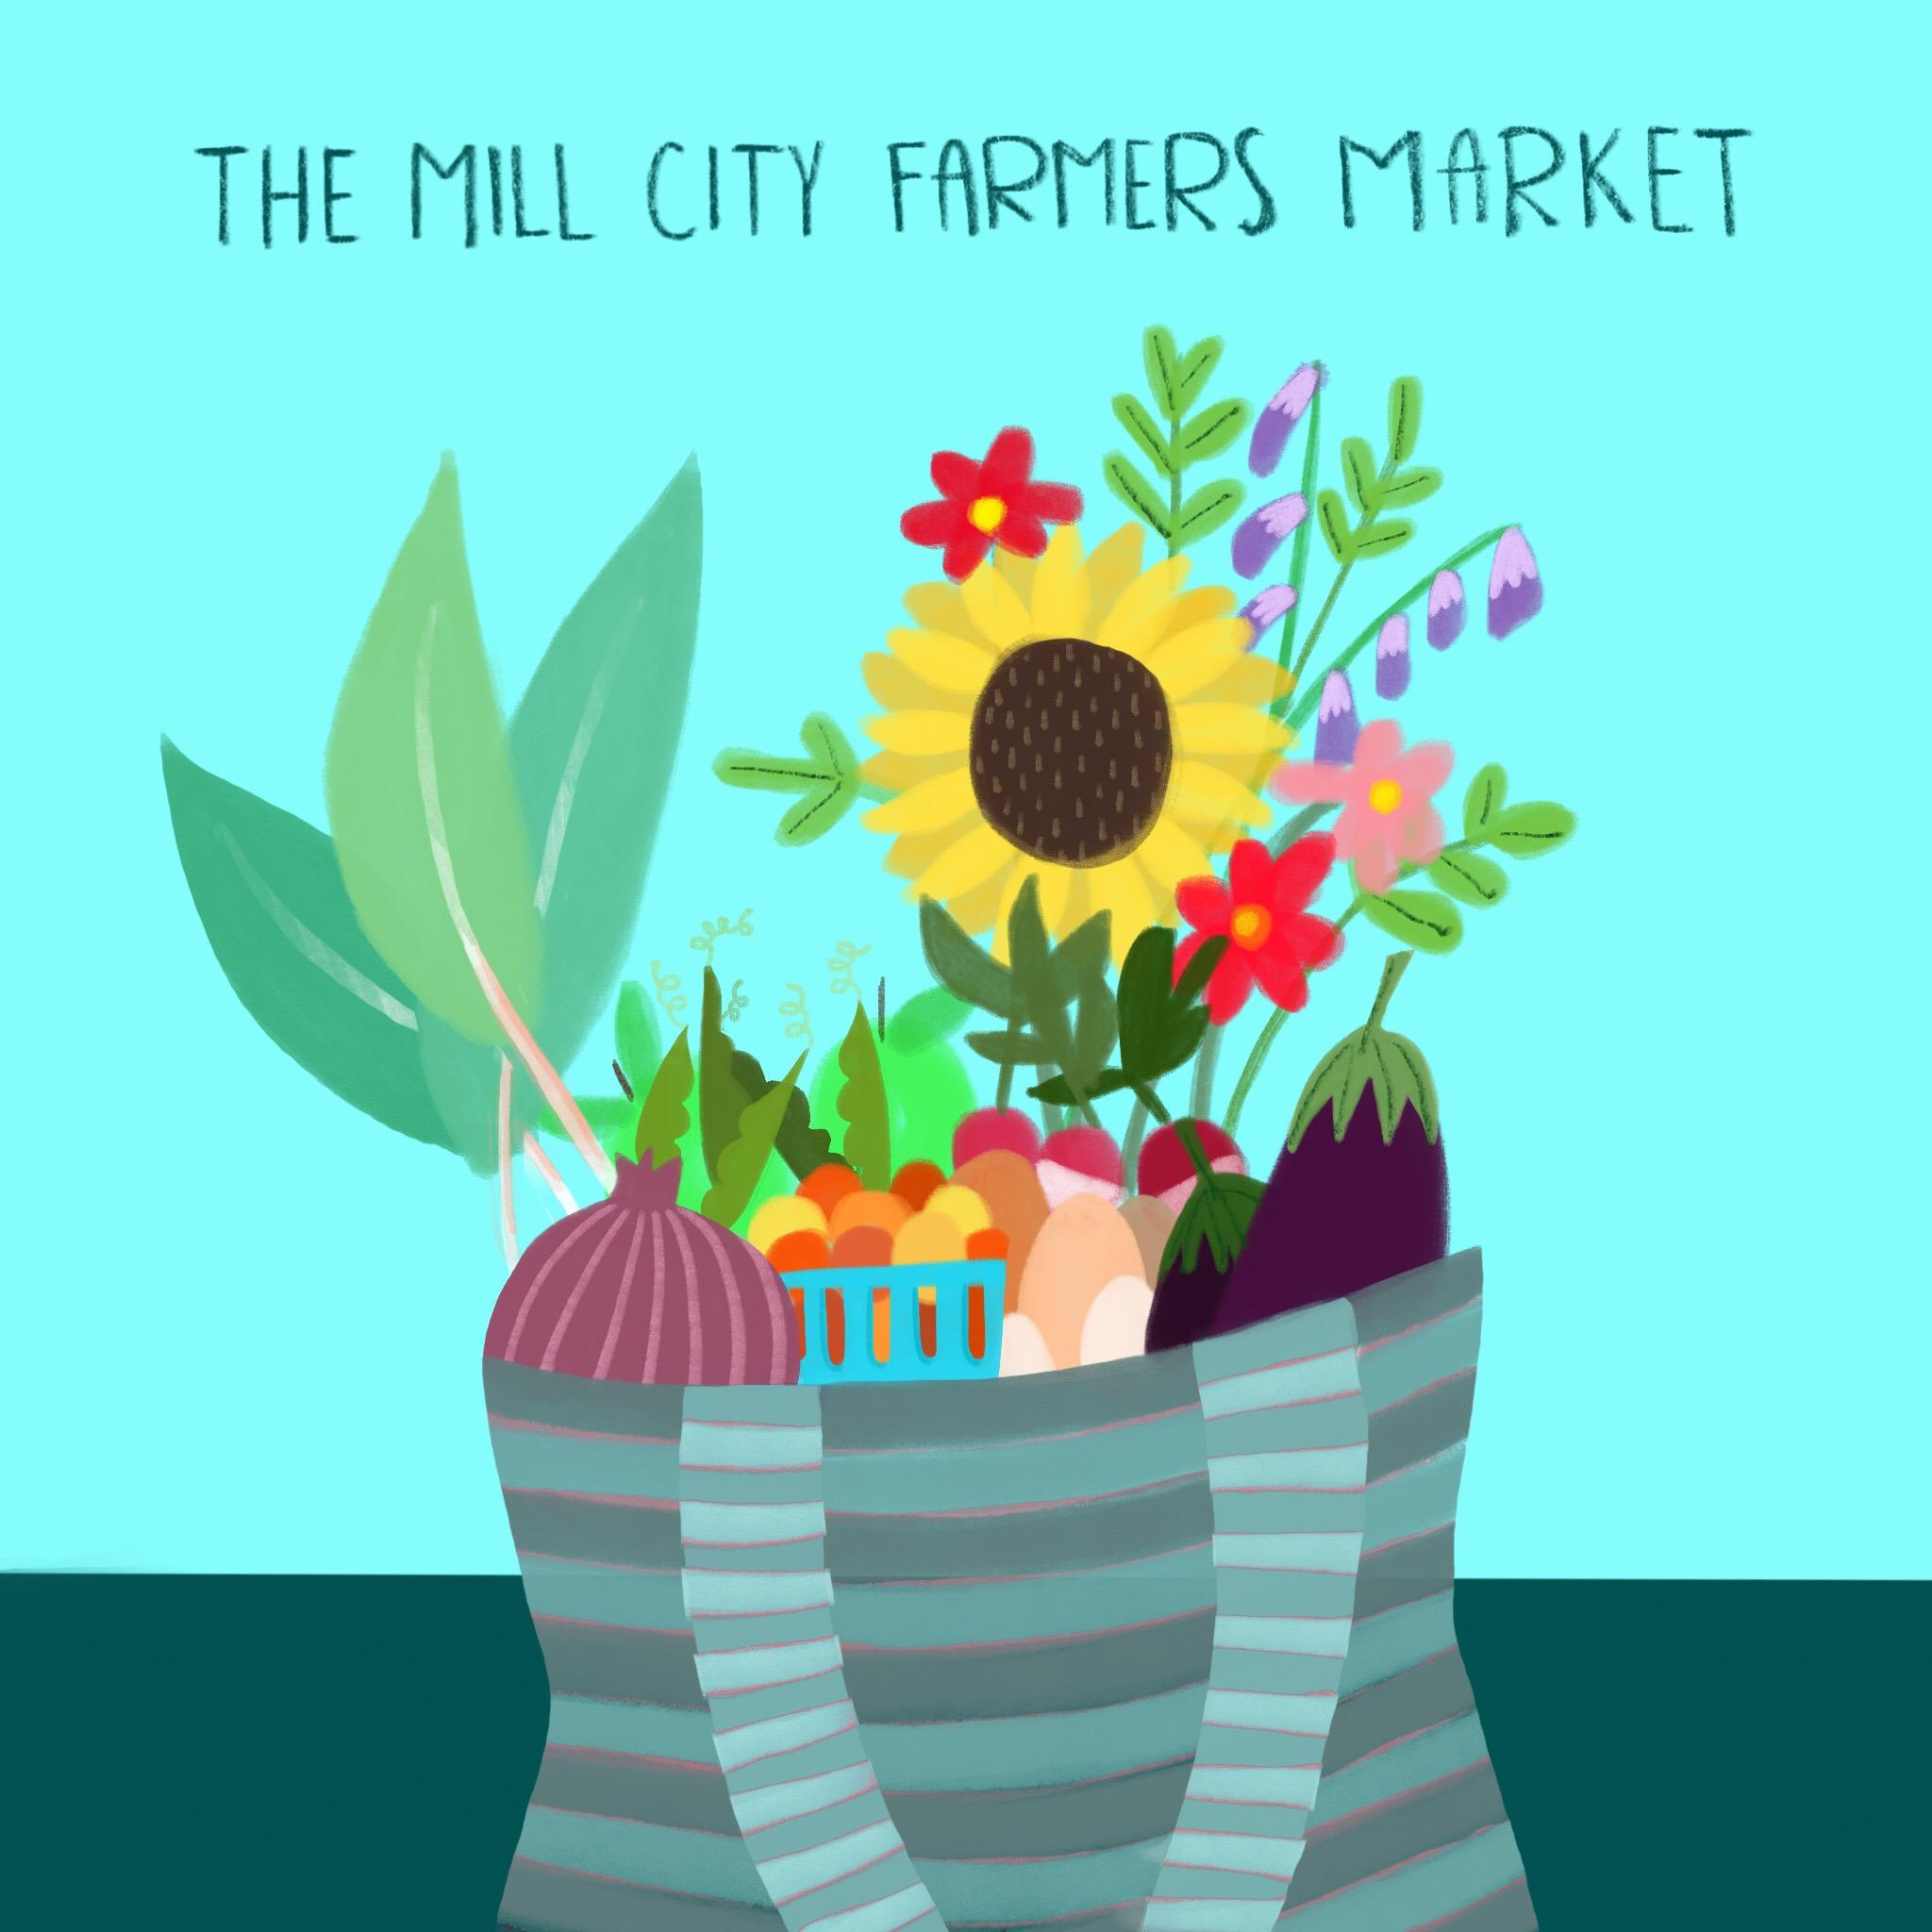 16_-_The_Mill_City_Farmer's_Market.jpg